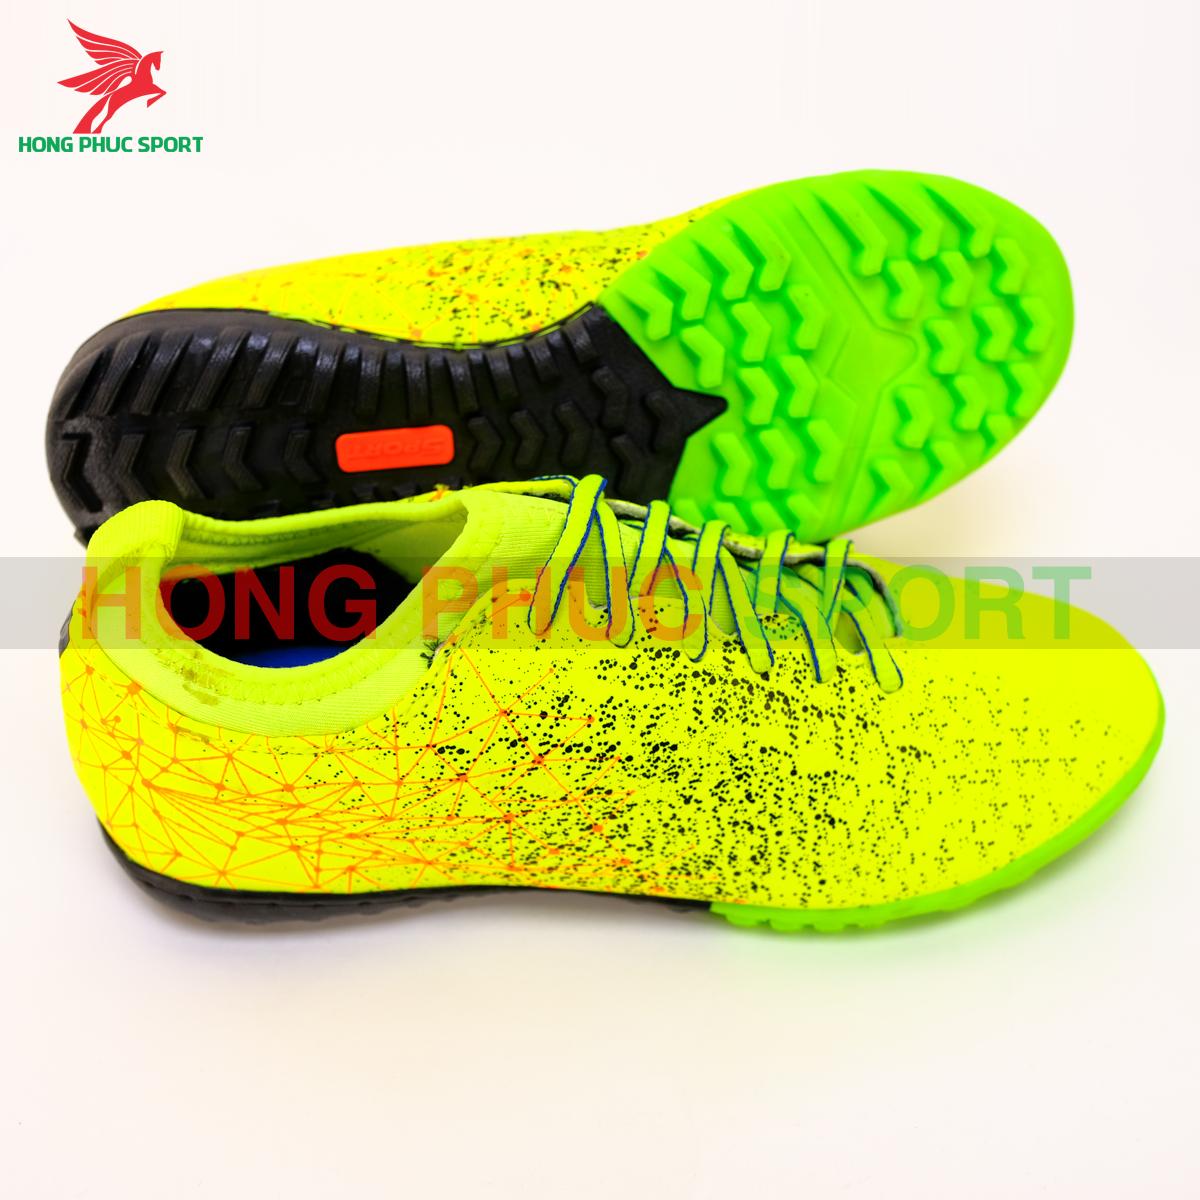 https://cdn.hongphucsport.com/unsafe/s4.shopbay.vn/files/285/giay-da-bong-hong-phuc-premium-21-2-2021-xanh-chuoi-6089293a0b51c.png